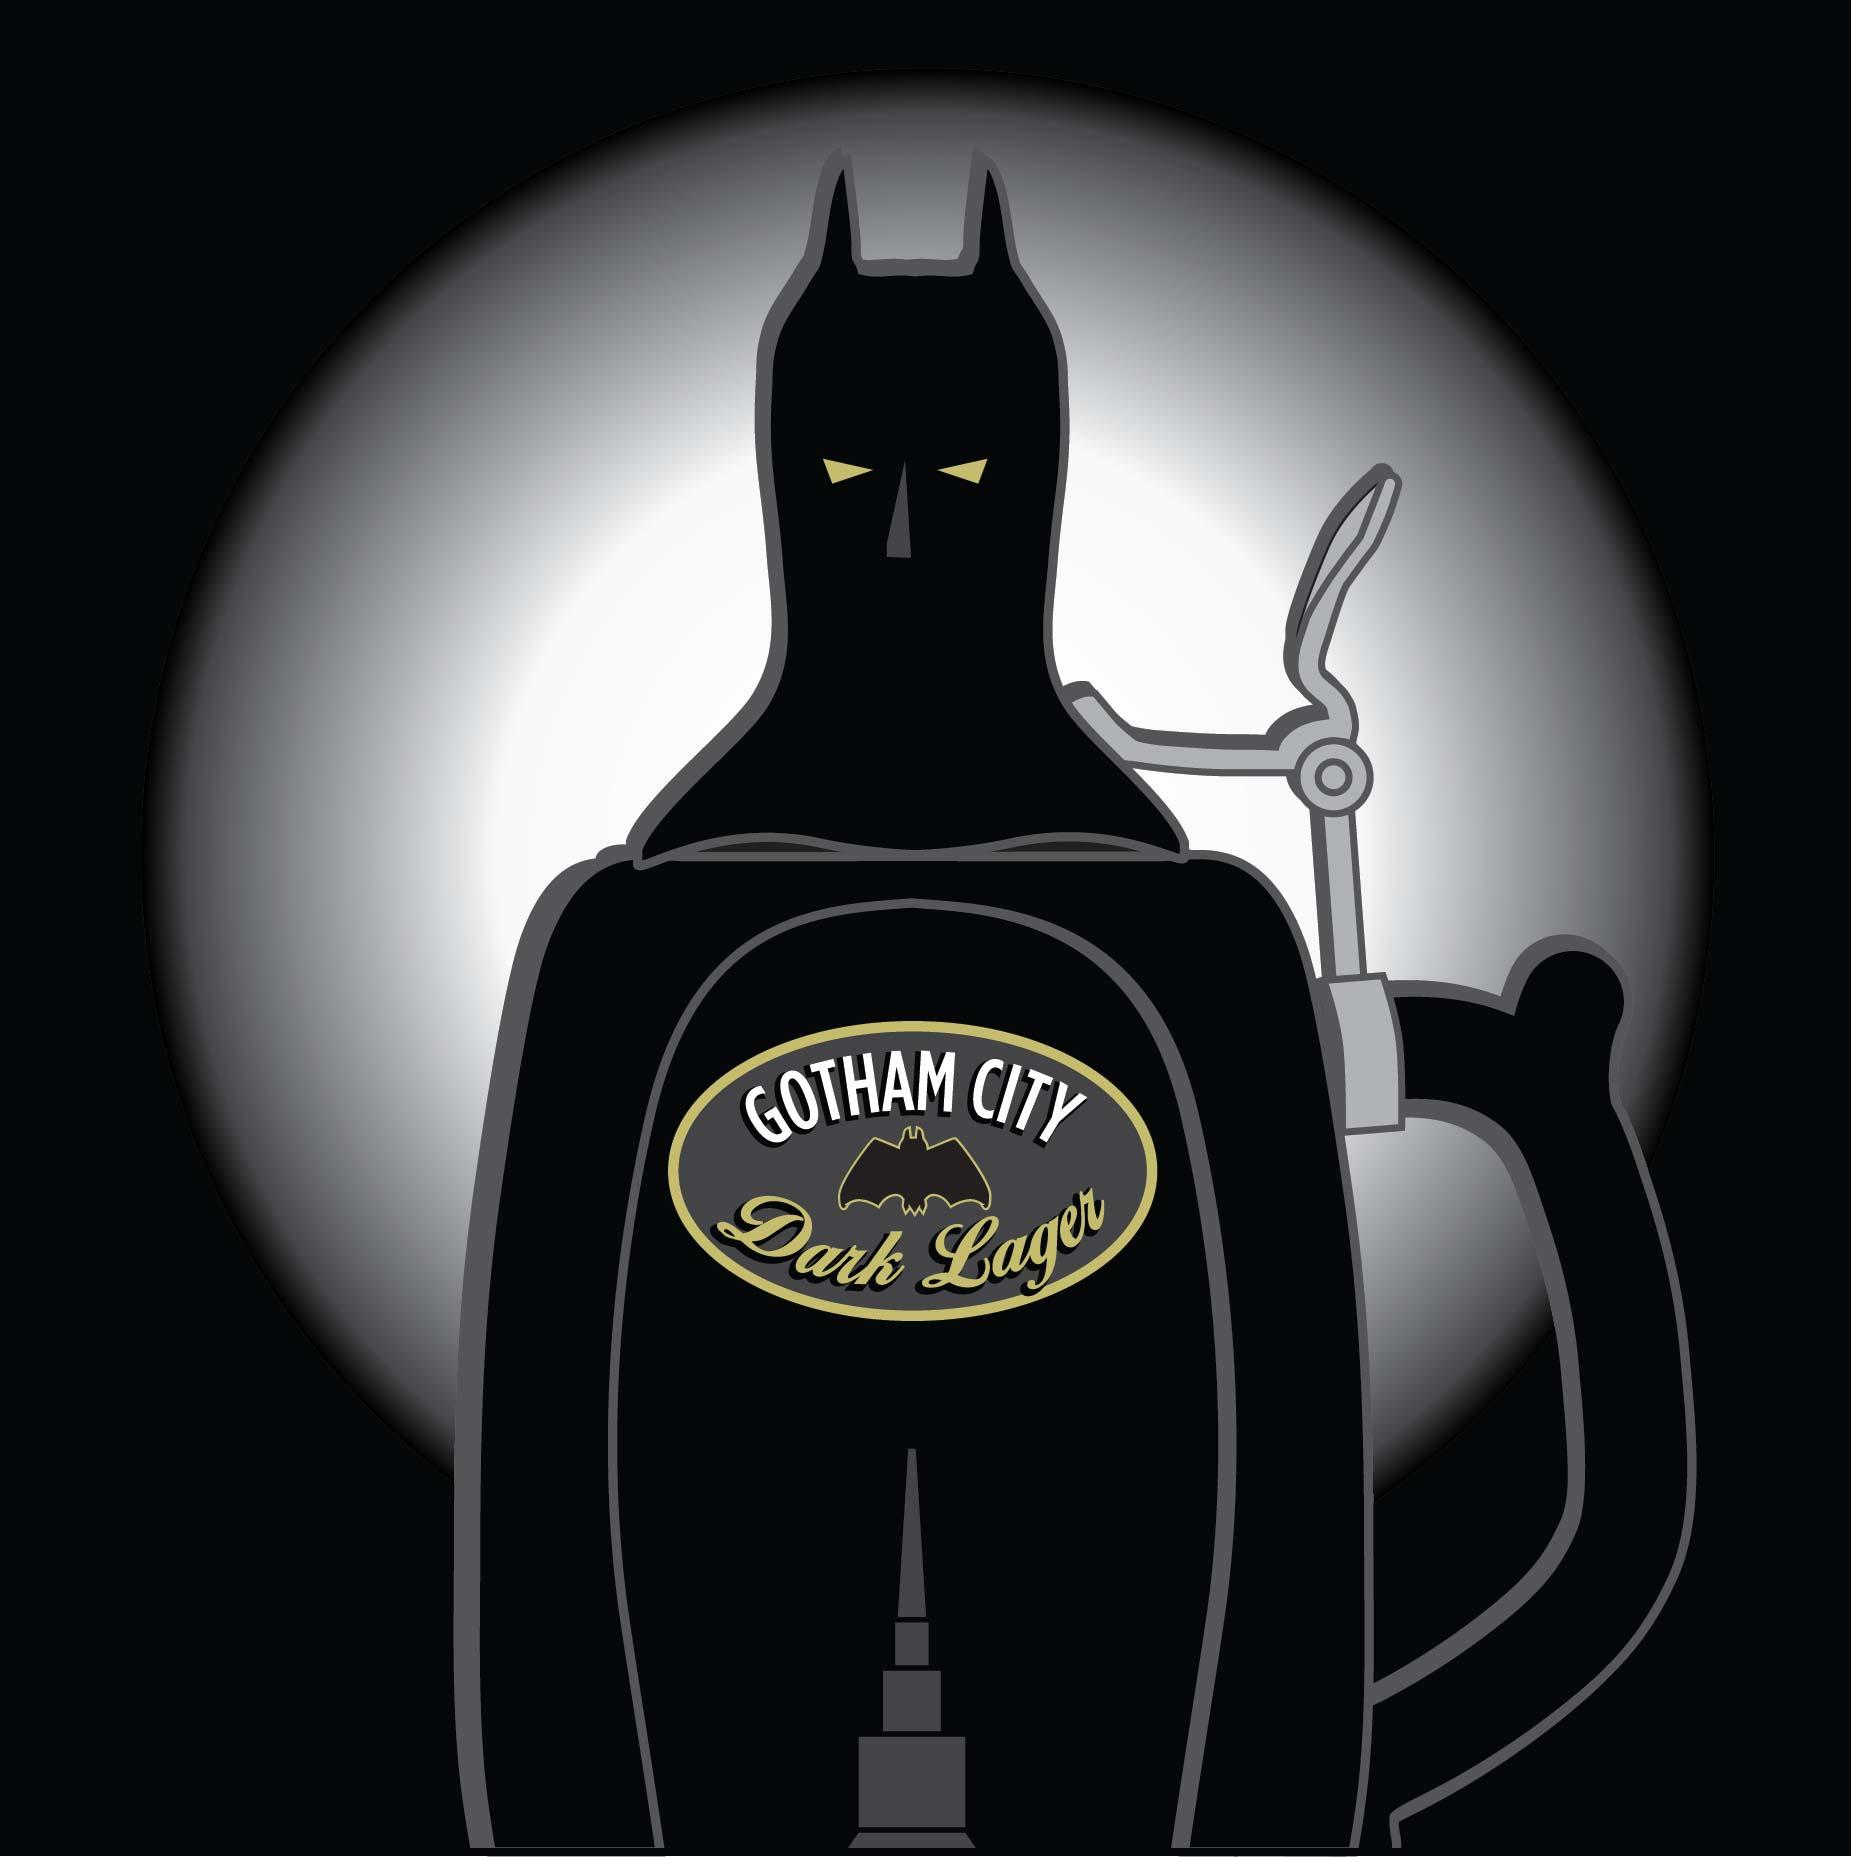 Gotham City Dark Lager